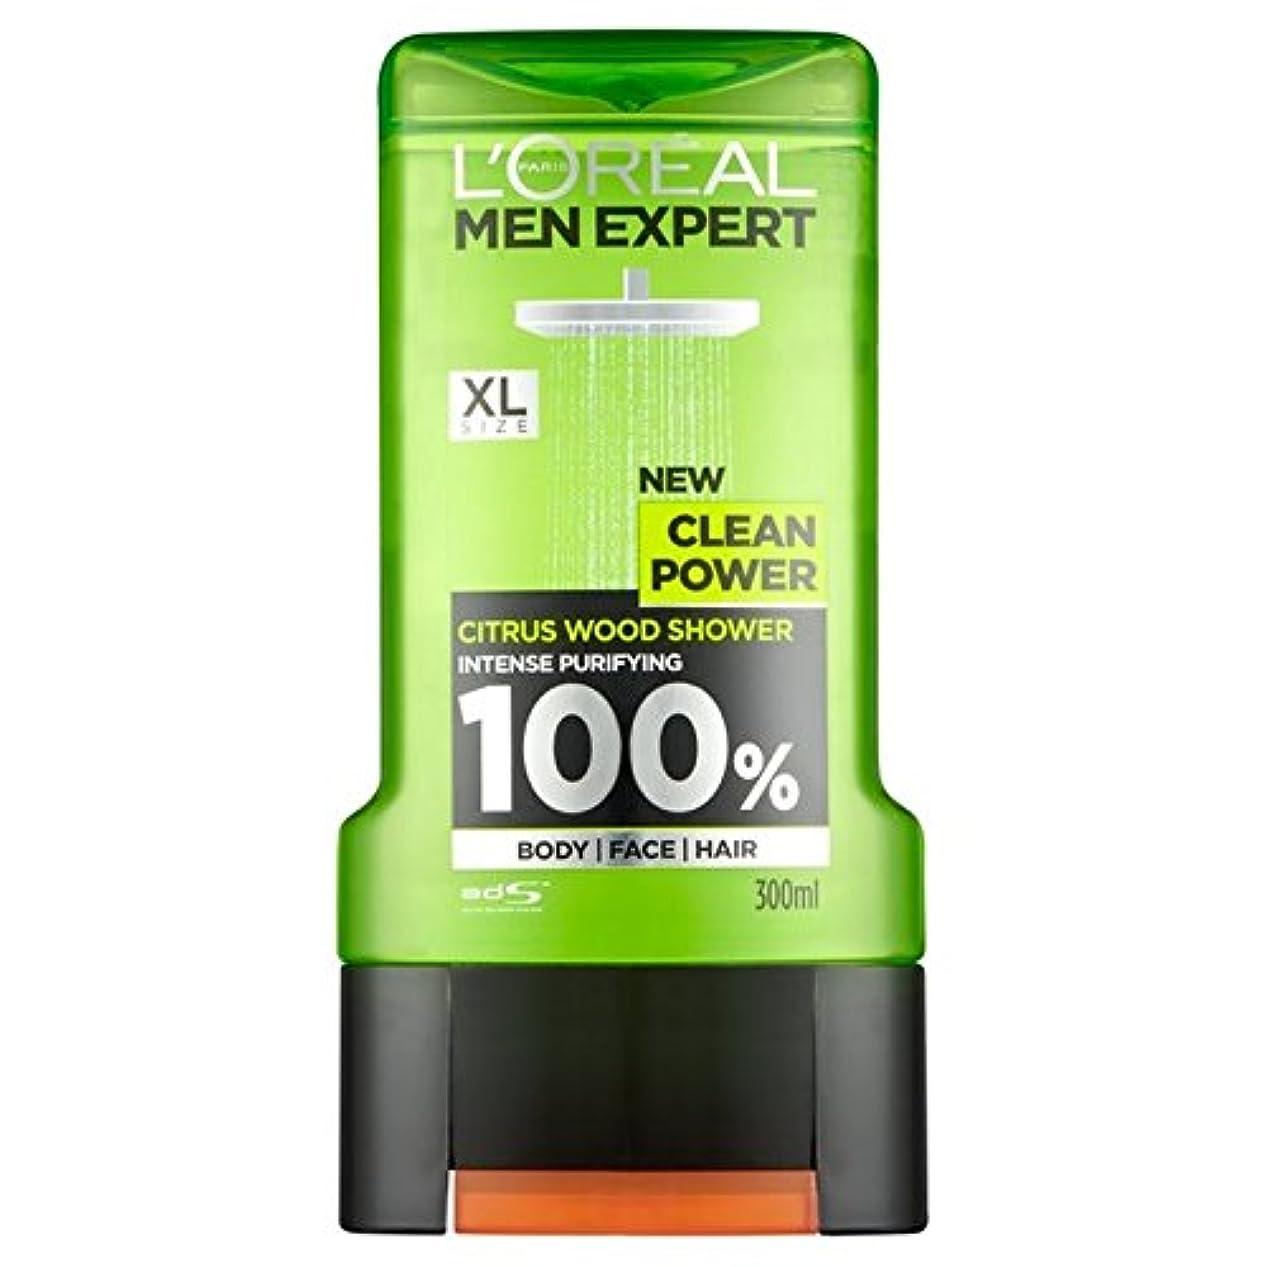 バラ色日付付き写真ロレアルパリの男性の専門家クリーンパワーシャワージェル300ミリリットル x2 - L'Oreal Paris Men Expert Clean Power Shower Gel 300ml (Pack of 2) [並行輸入品]